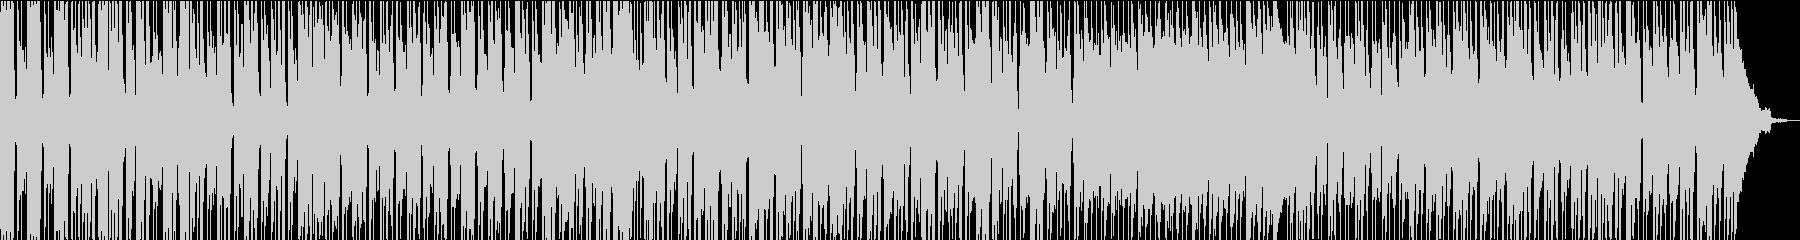 ソウルフルなテナーサックスメロディ...の未再生の波形